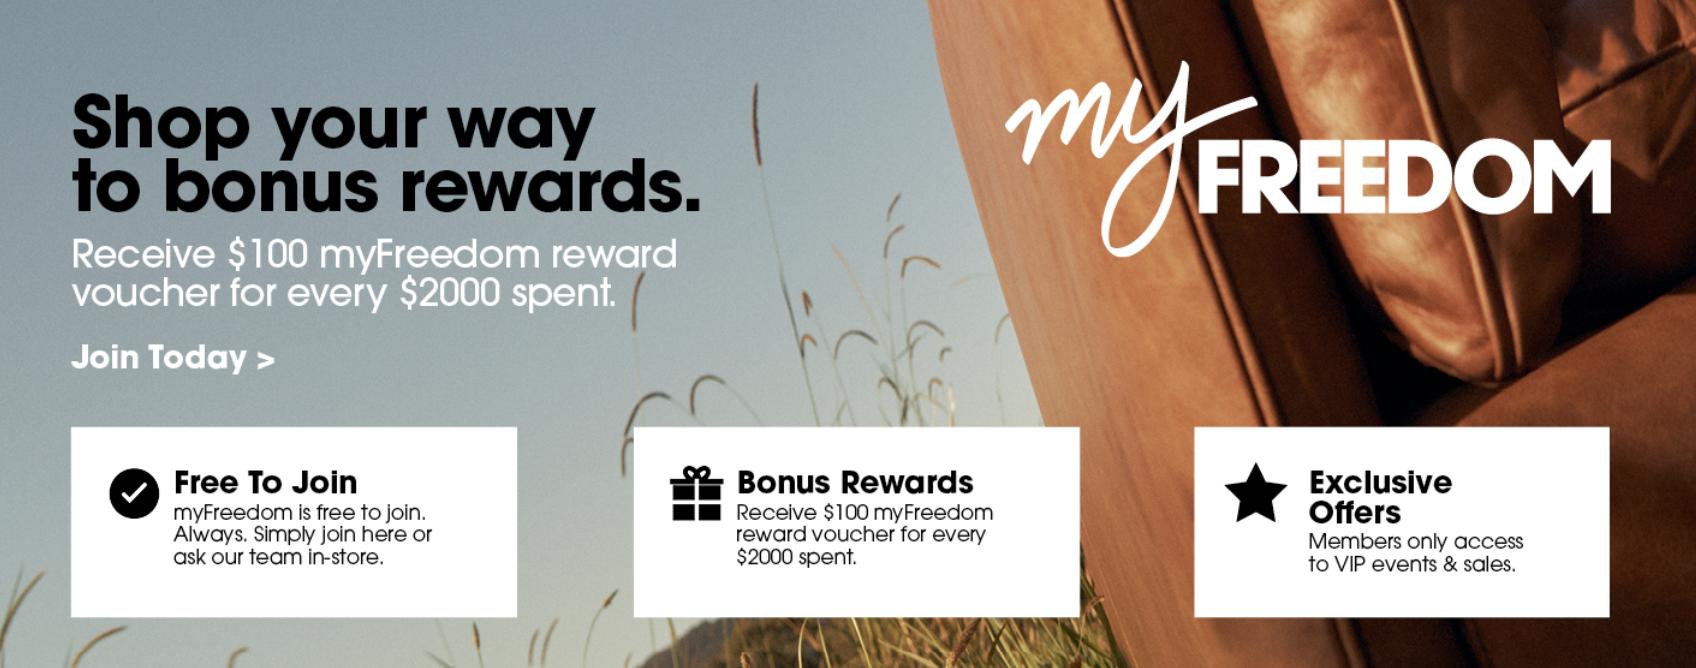 Receive $100 myFreedom reward voucher for every $2000 spent